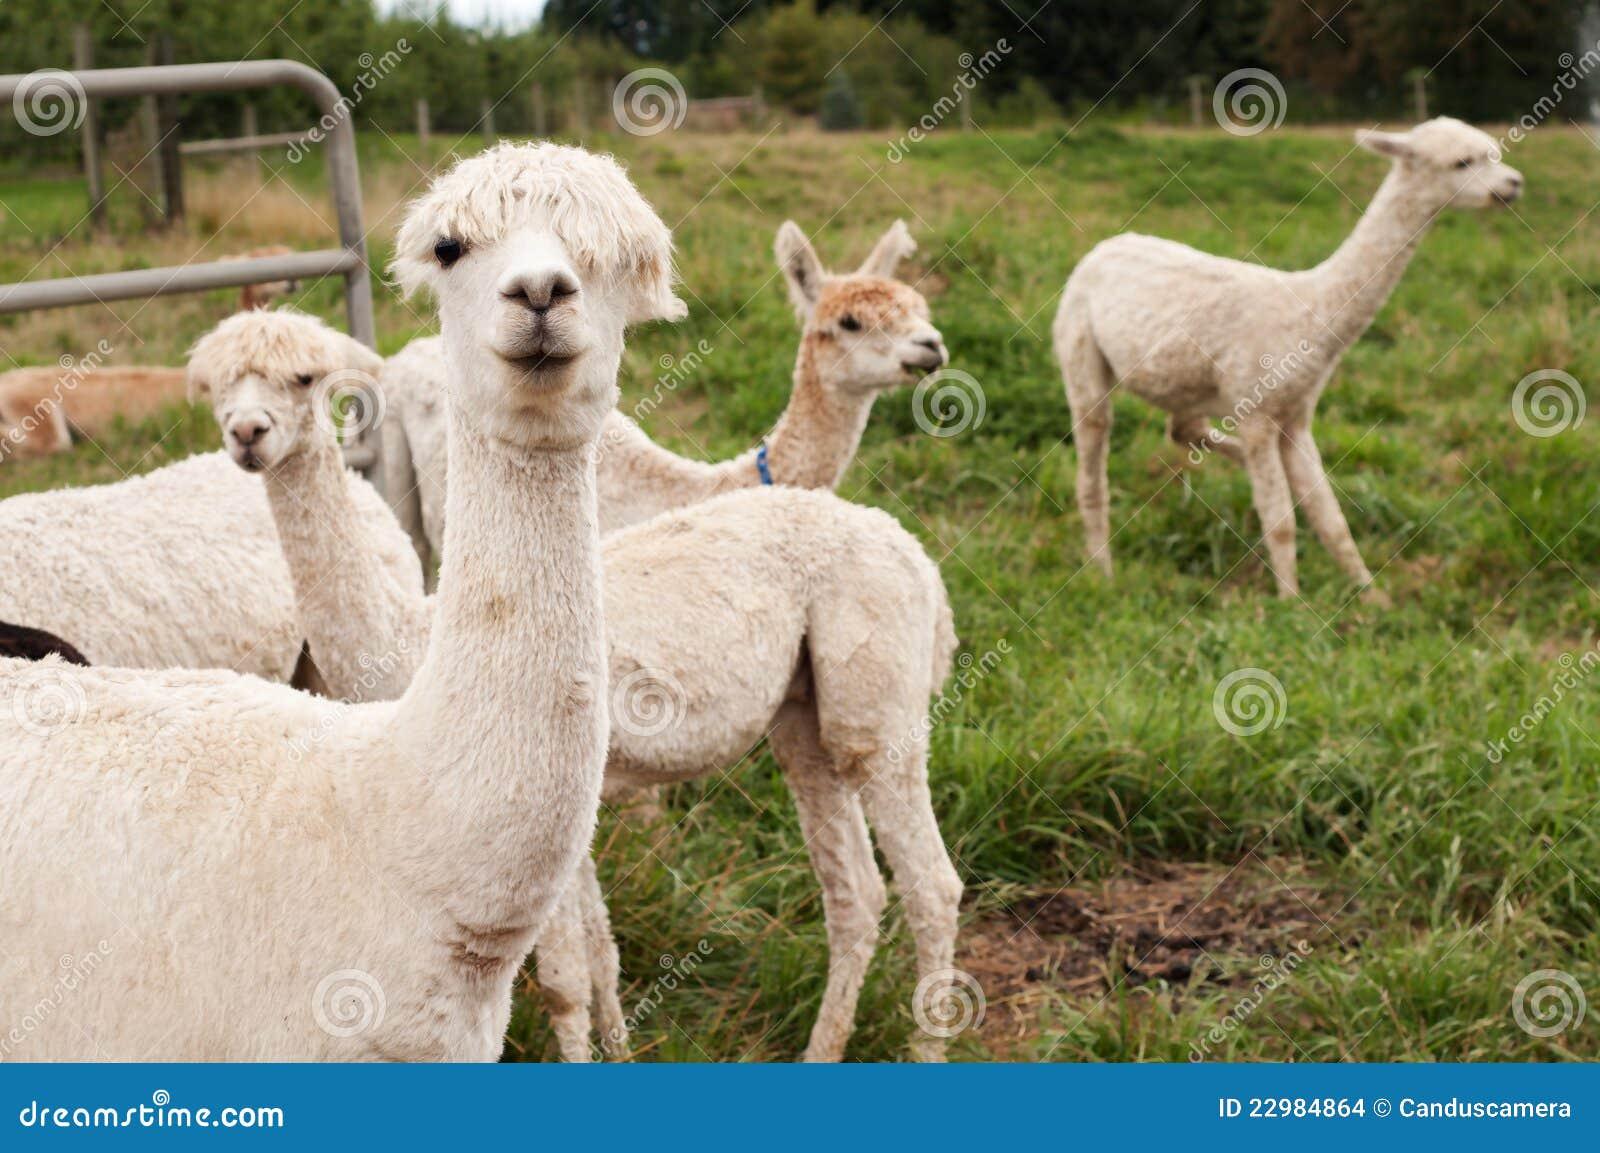 Alpaca Face Llamas Or Alpacas Shea...